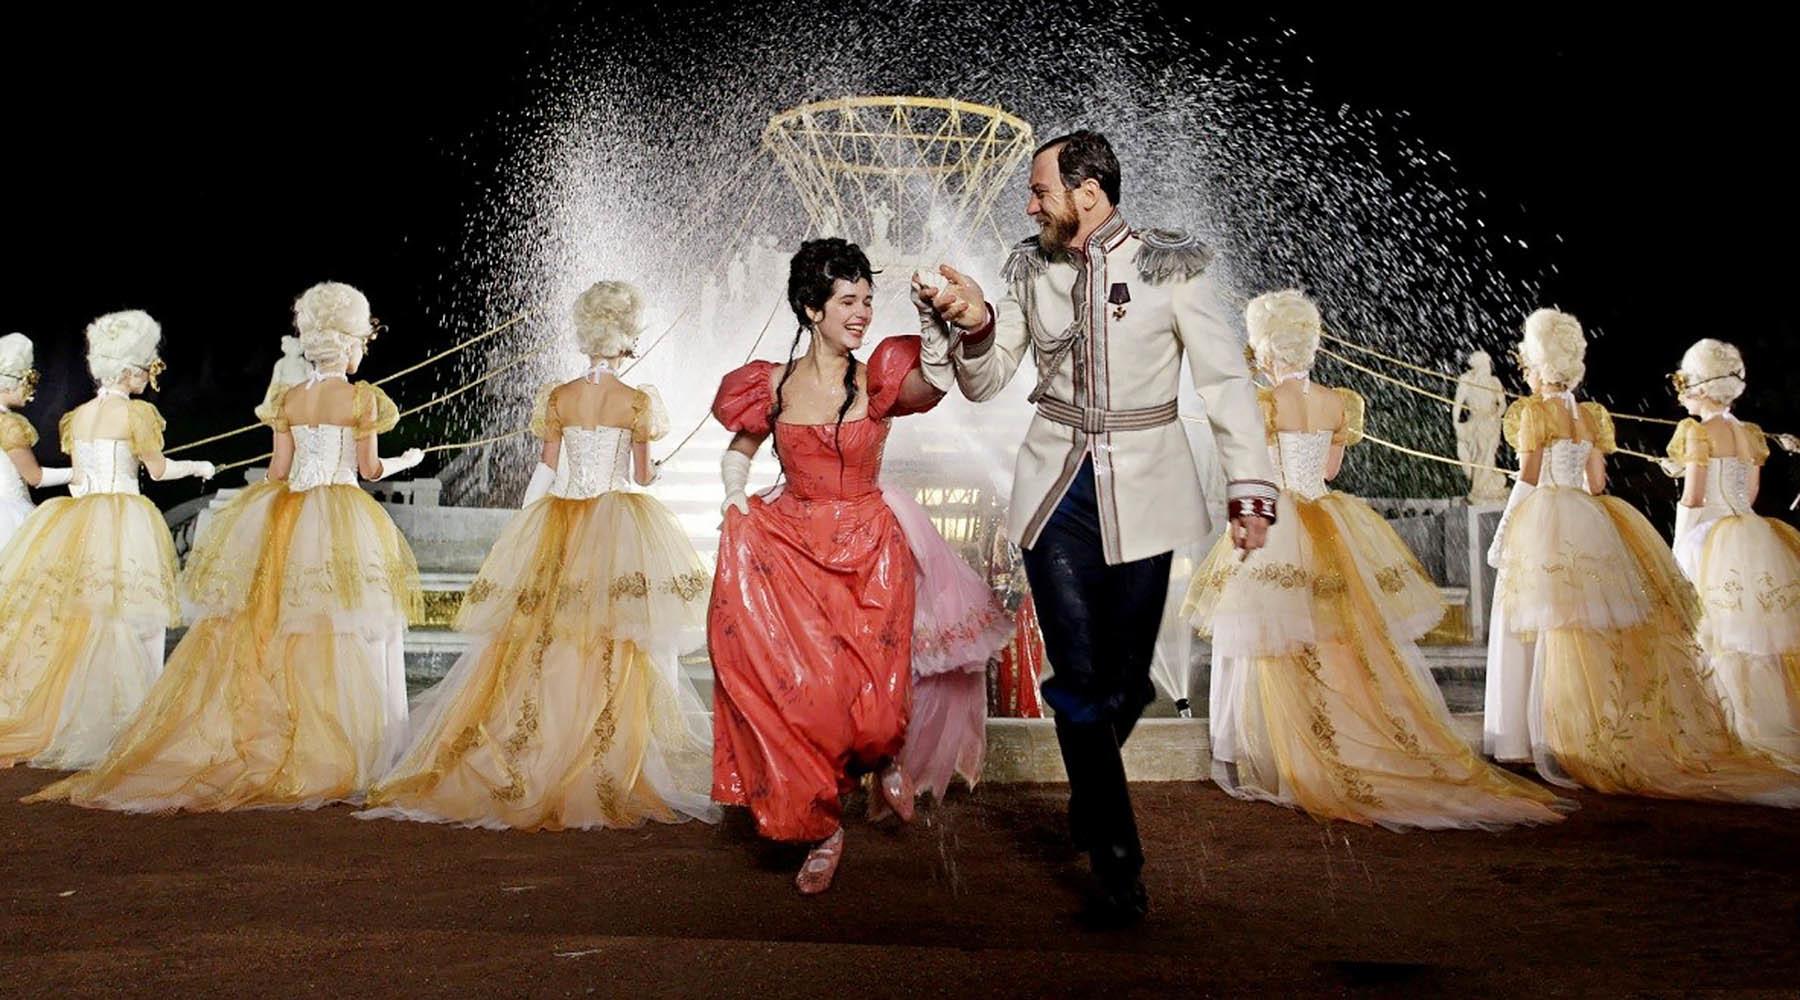 Любовь, балет и 7 тысяч костюмов: о чём фильм Алексея Учителя «Матильда» и стоит ли его смотреть